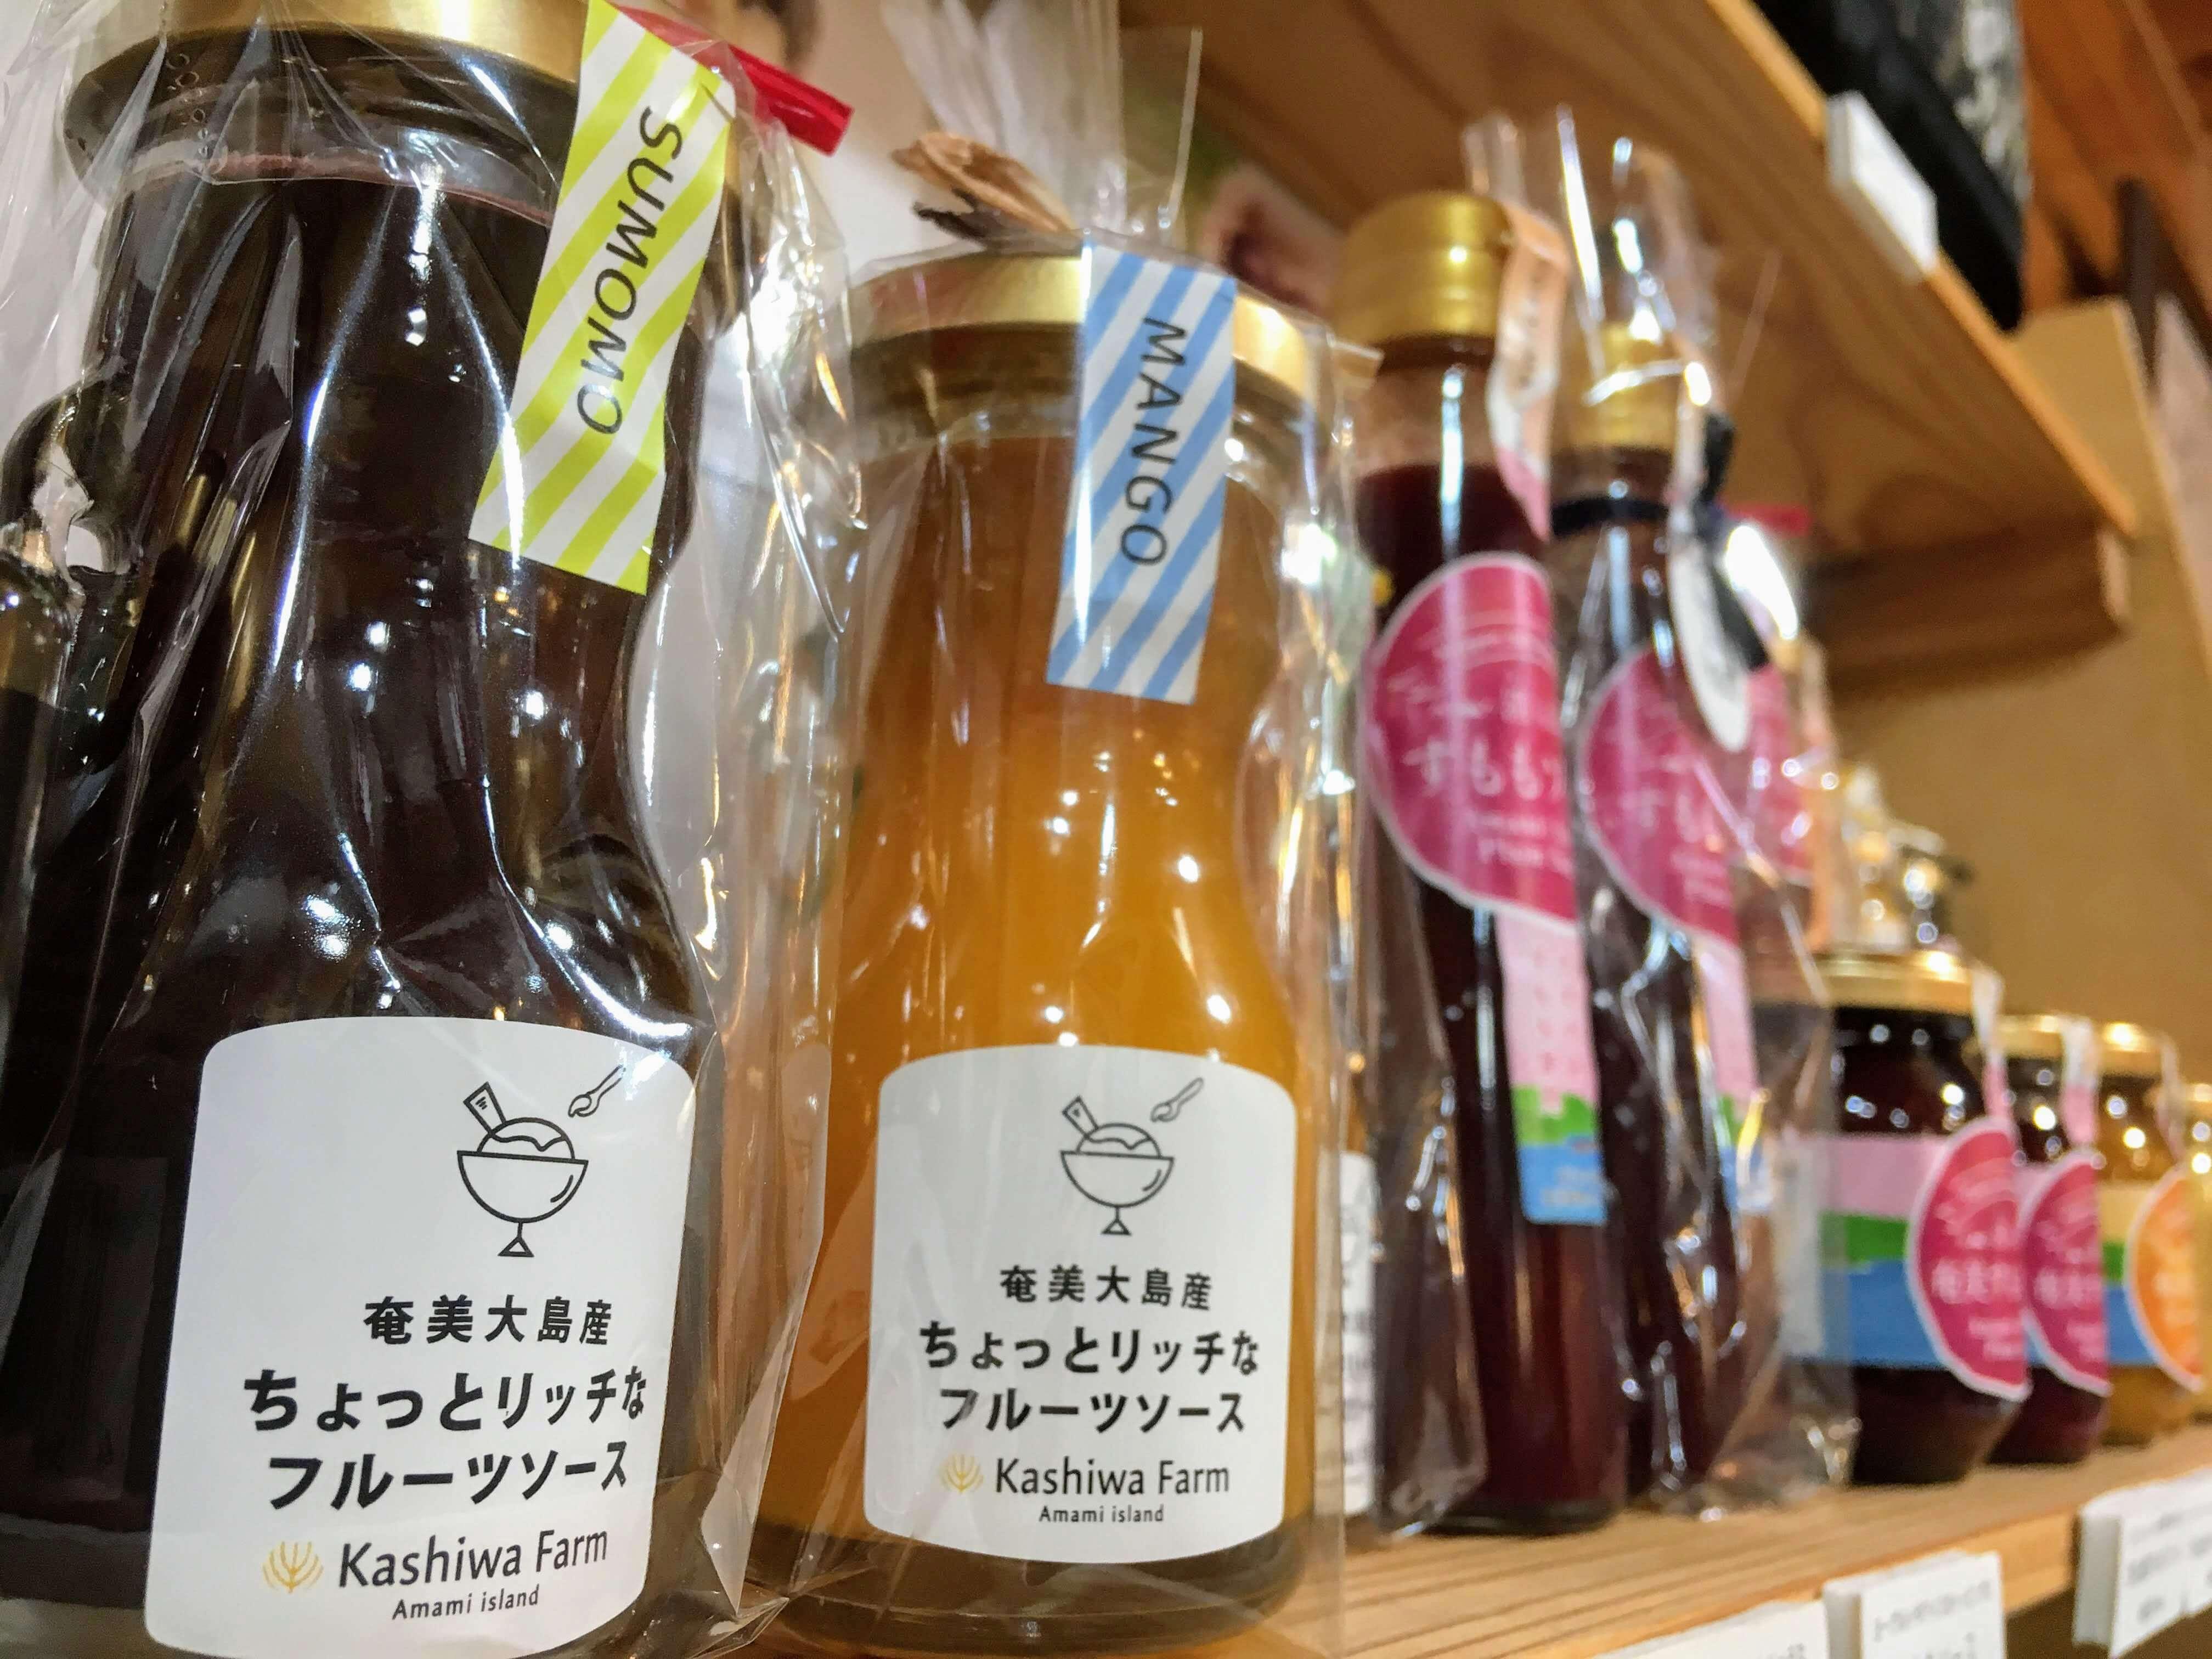 奄美のお土産セレクトショップ、フラスコ